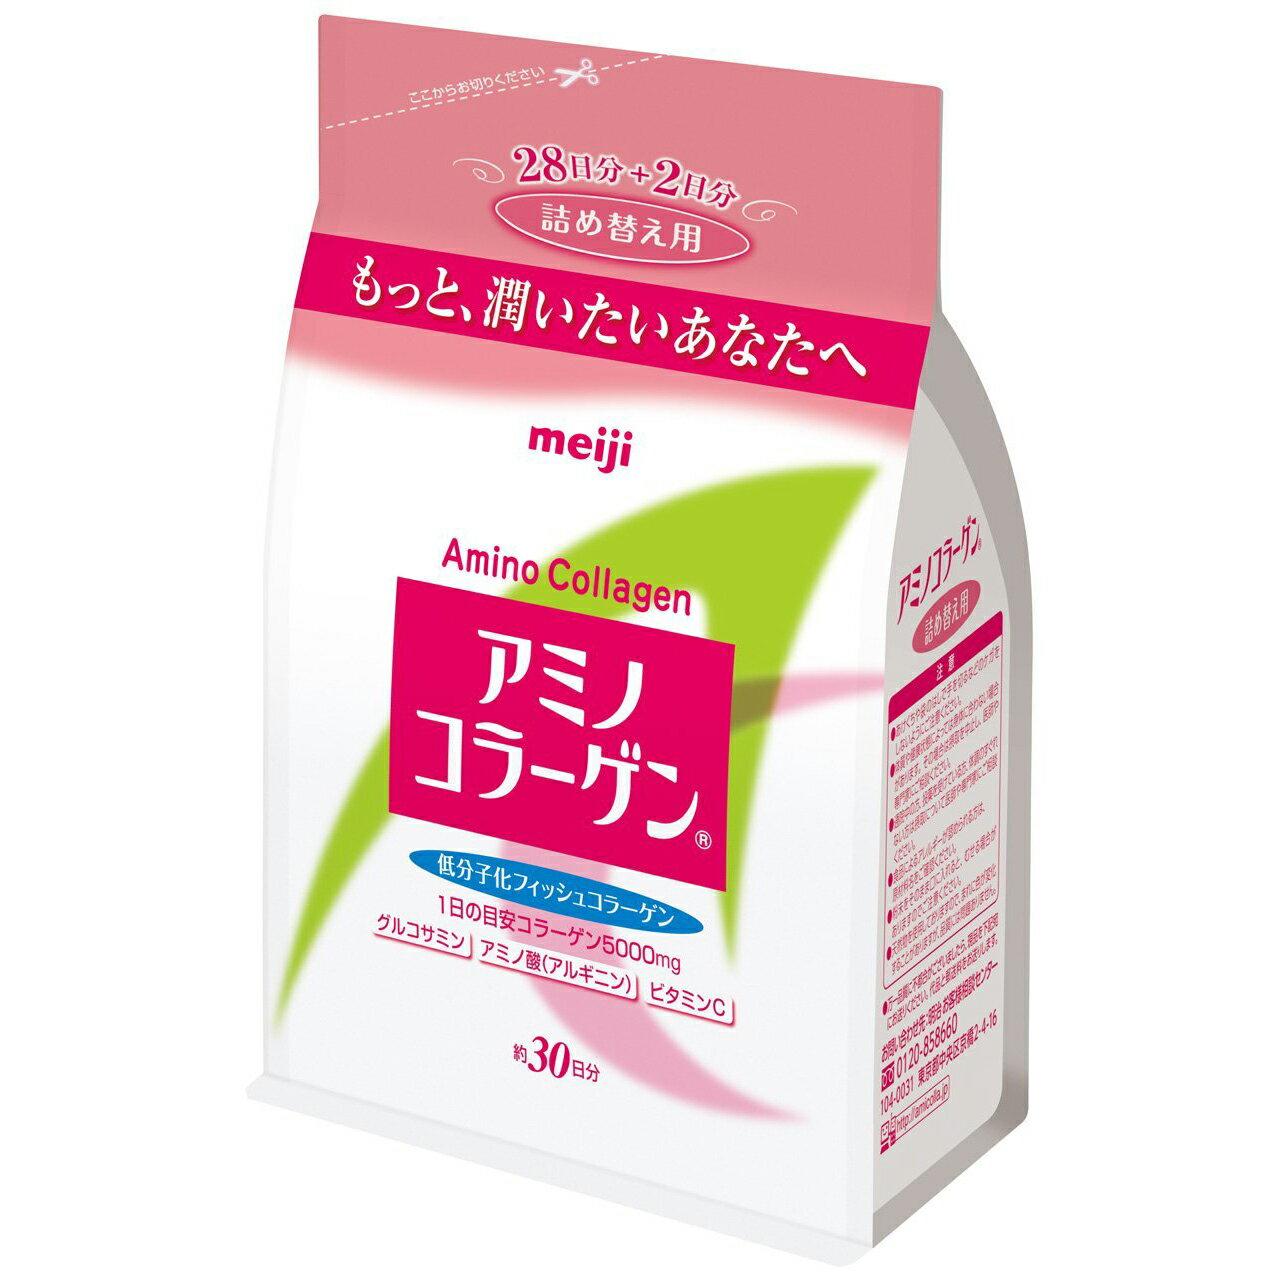 Meiji 日本明治膠原蛋白粉補充包袋裝214g 2019 / 07 日本熱銷NO.1 日本平行輸入 PG美妝 1